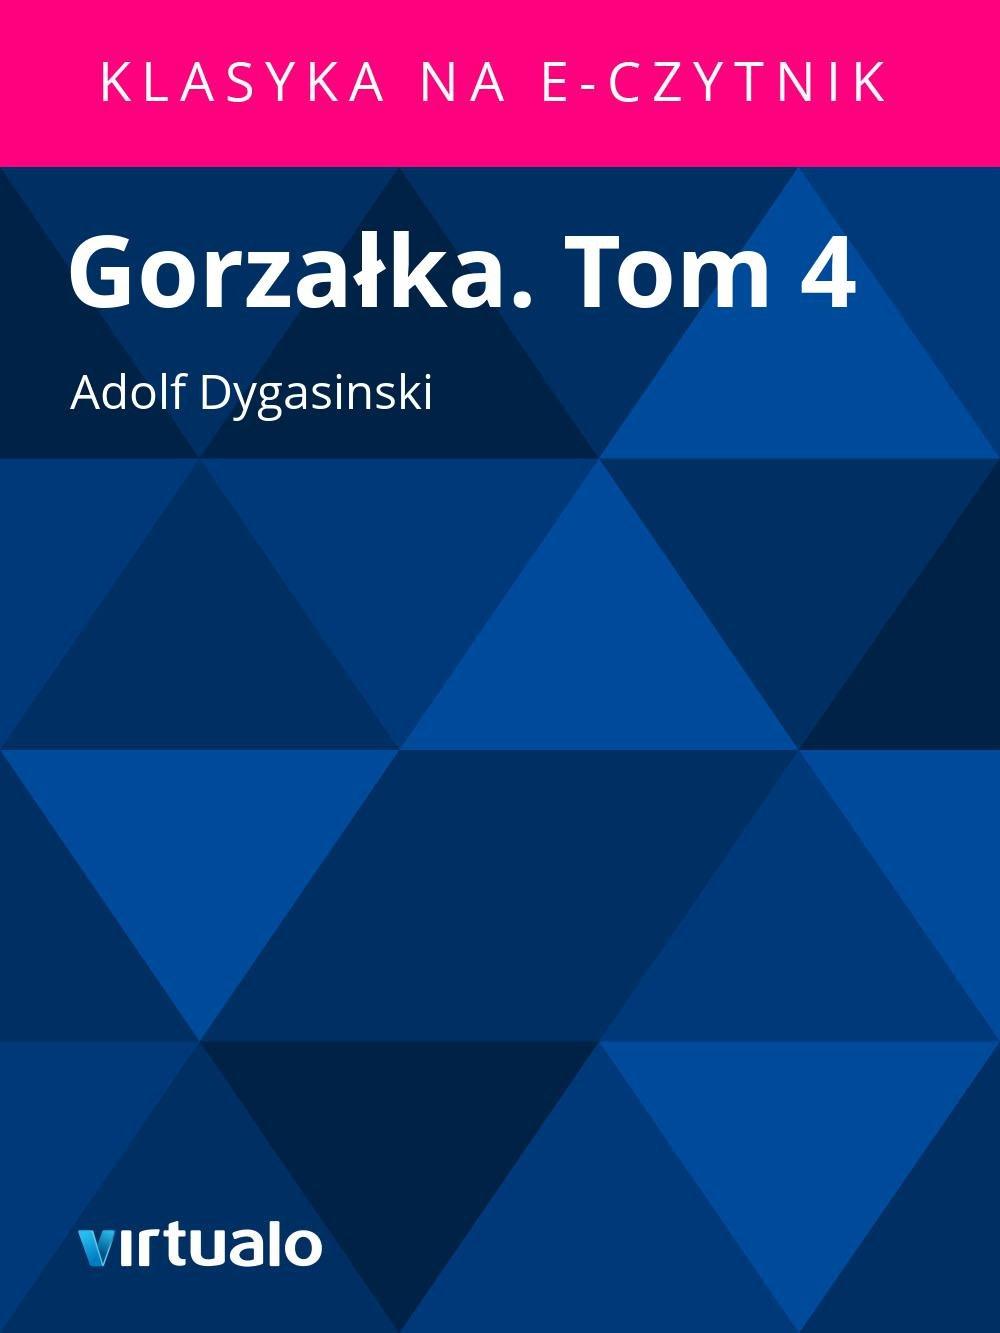 Gorzałka. Tom 4 - Ebook (Książka EPUB) do pobrania w formacie EPUB